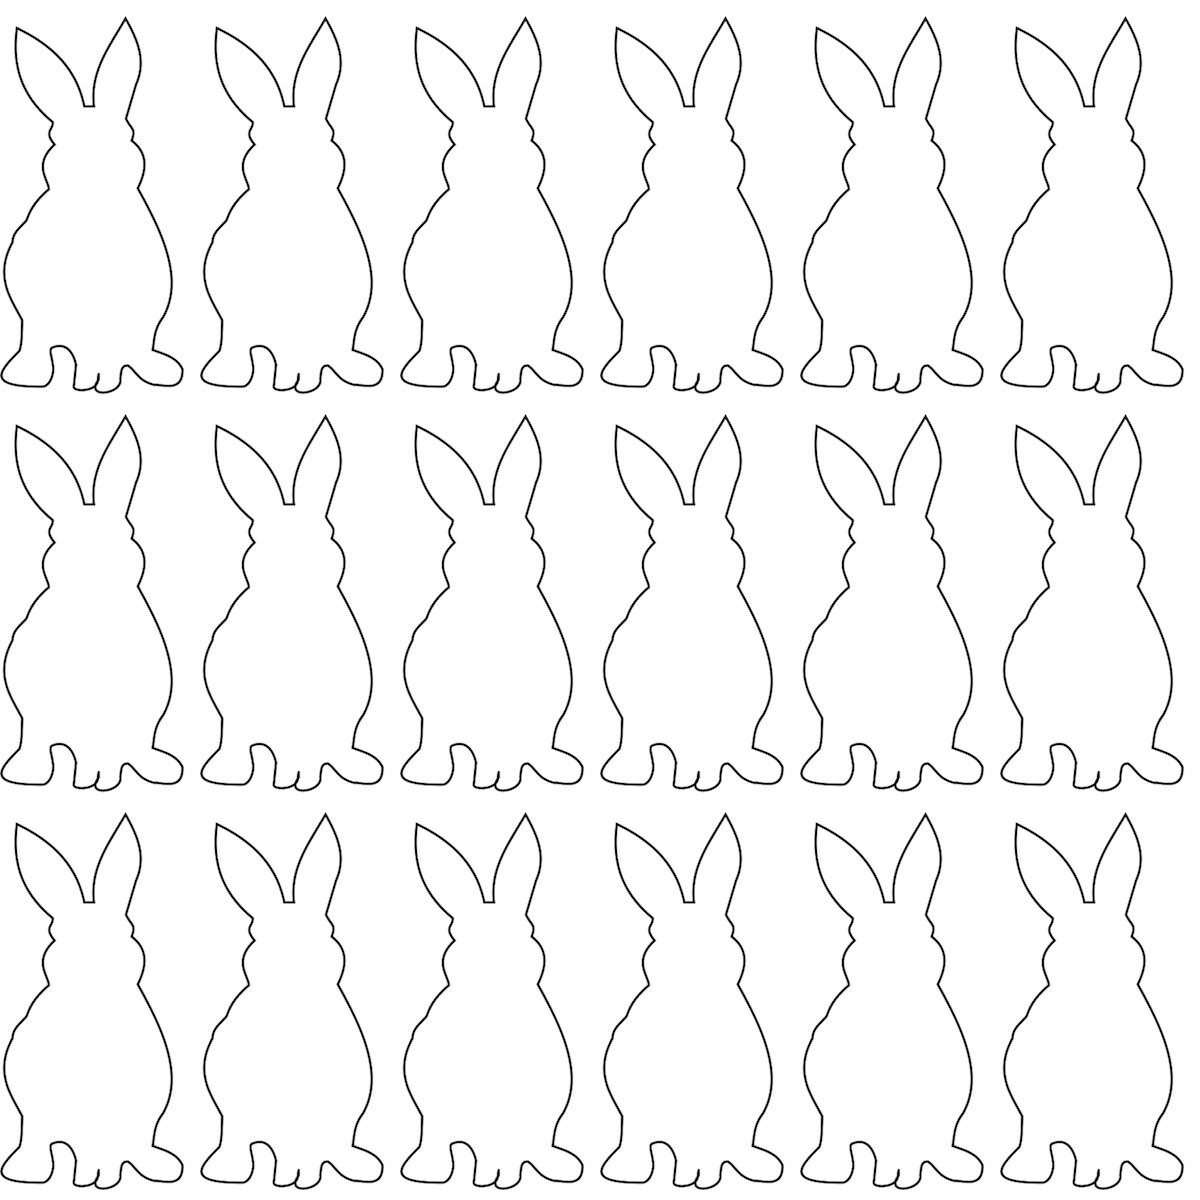 http://3.bp.blogspot.com/-rP-441LkbPo/Uz1S6Mwm9cI/AAAAAAAAdEU/qCNOhGGEpUg/s1600/outline_bunny_paper.jpg